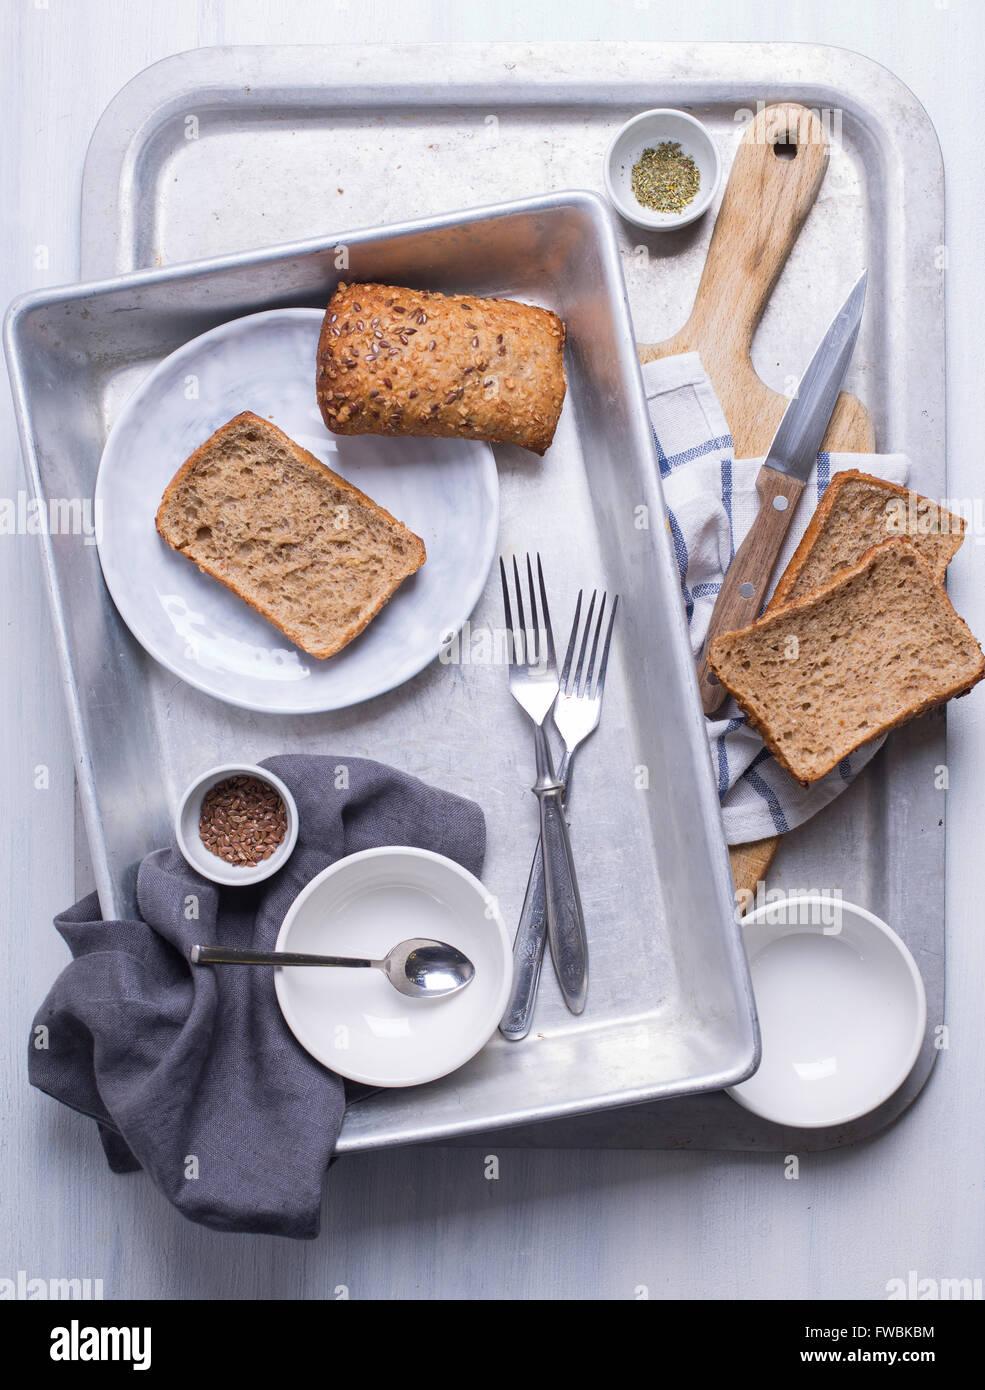 Einige Brot zubereitet auf einem Metalltablett zum Kochen Stockbild